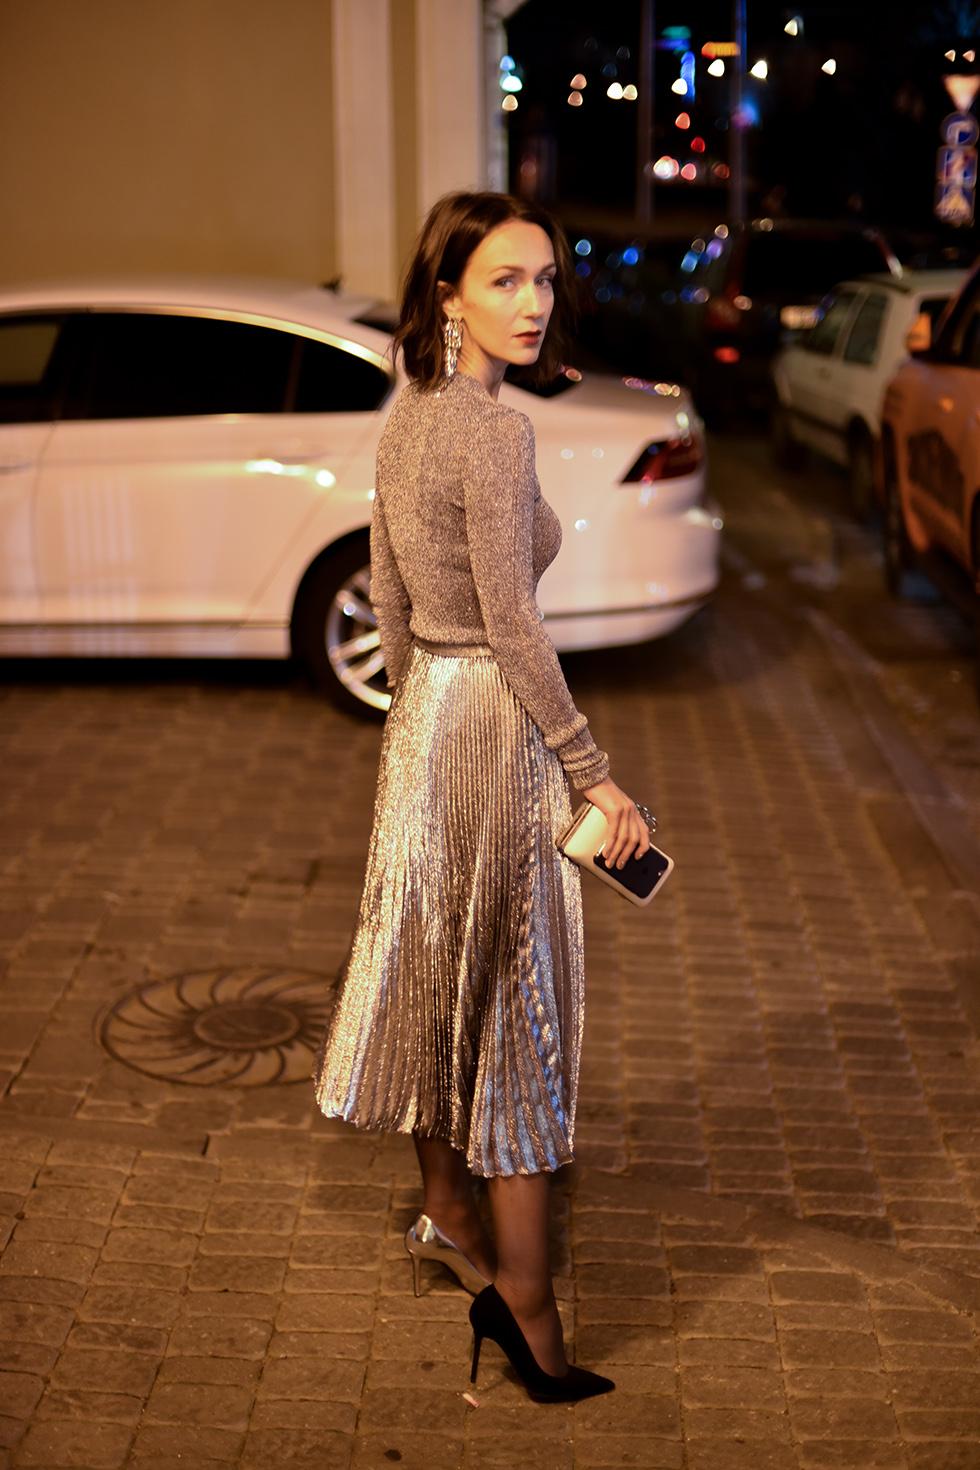 ivanova_julia_look_street_style_3